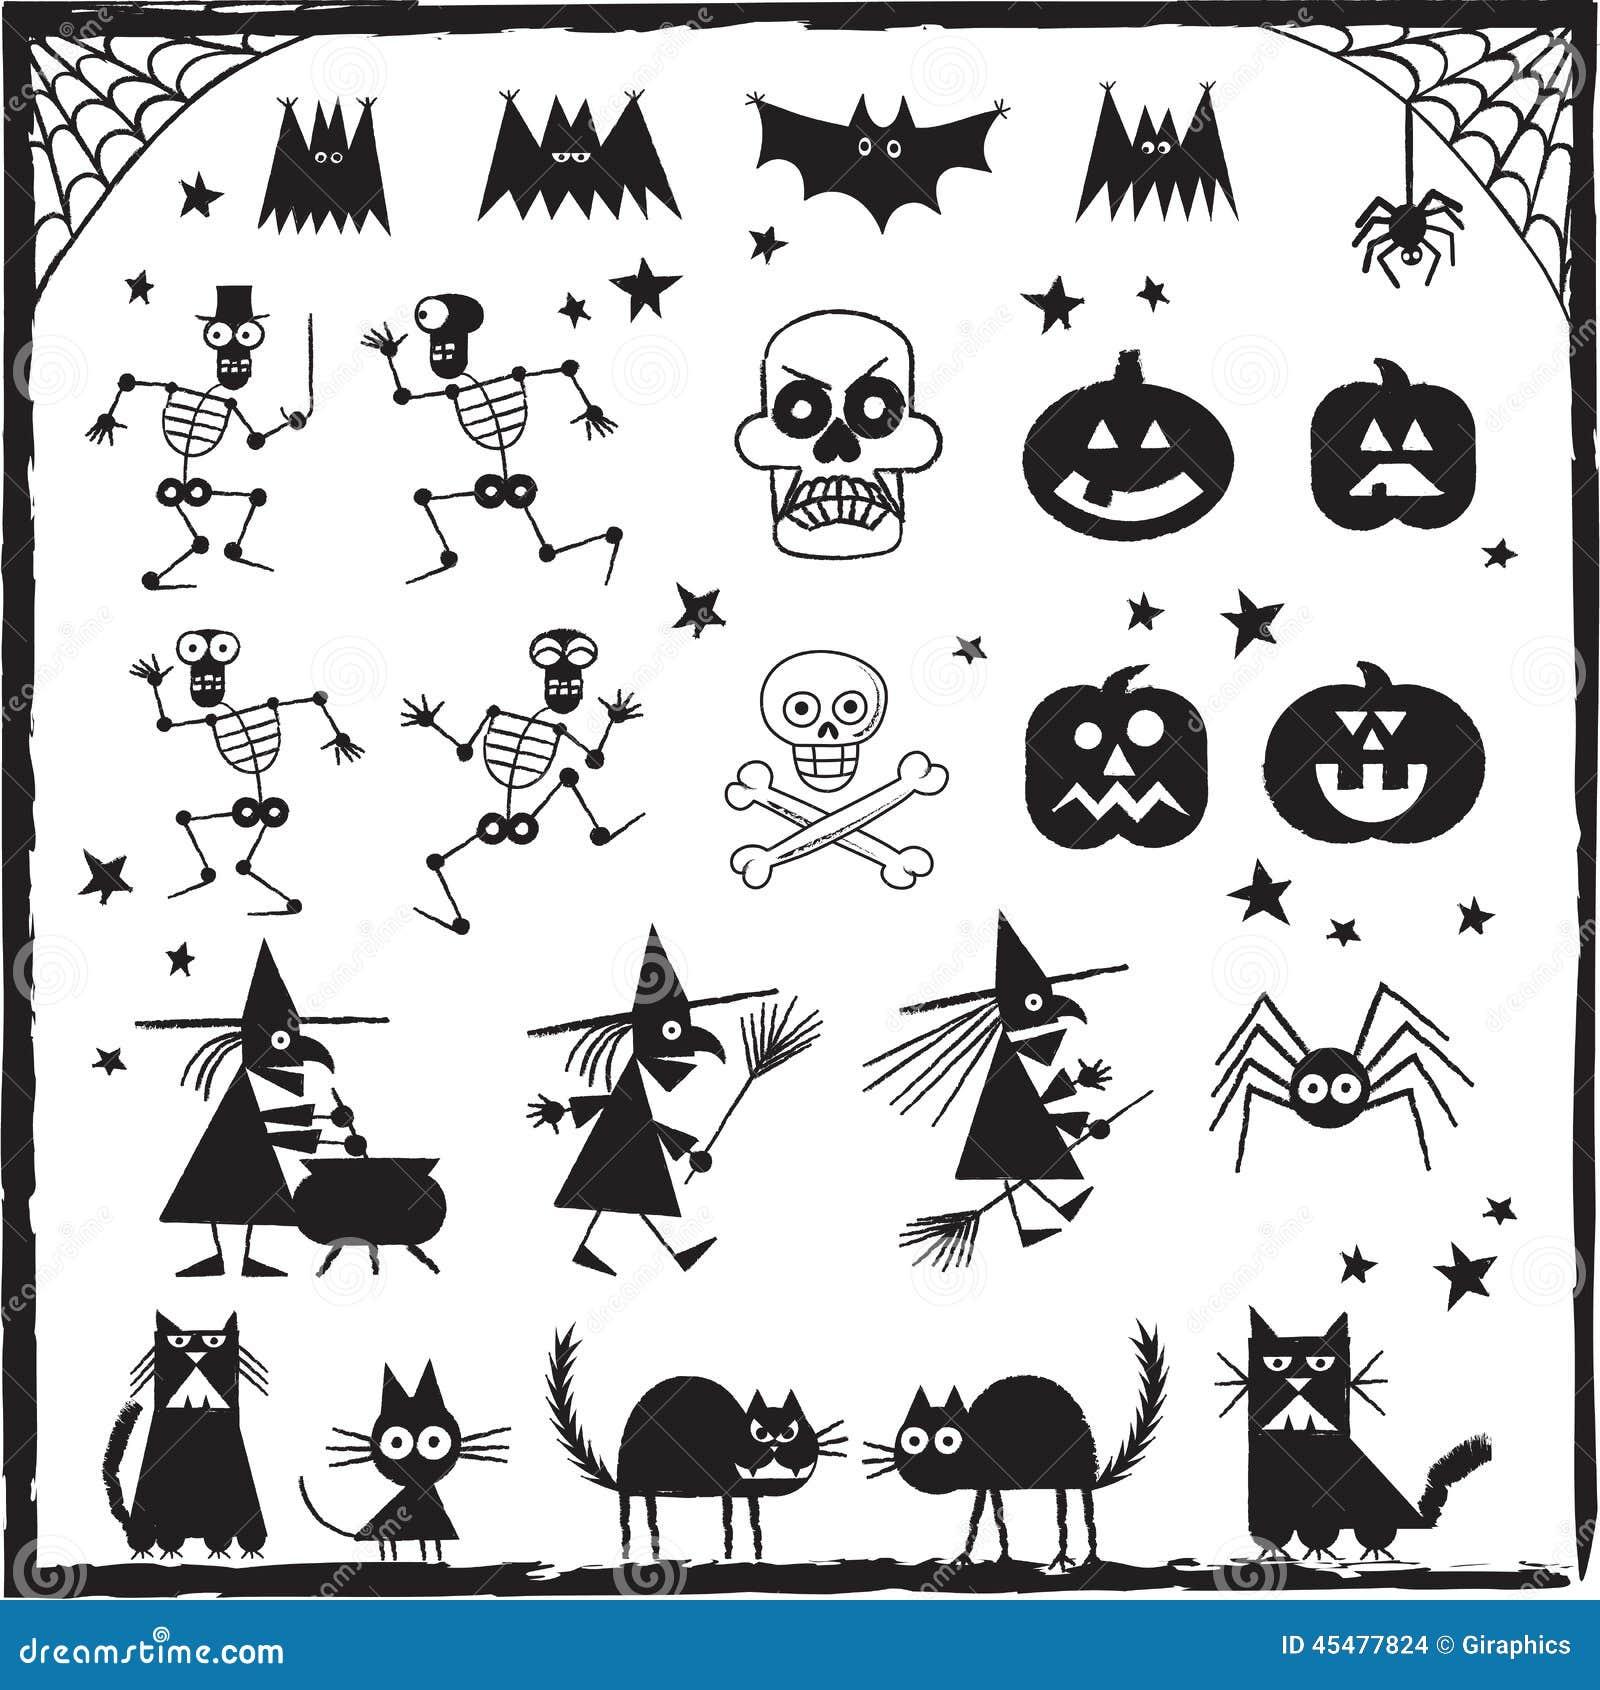 棒黑色设计要素眼睛严重万圣节包括插孔灯笼o南瓜塔兰图拉毒蛛巫婆